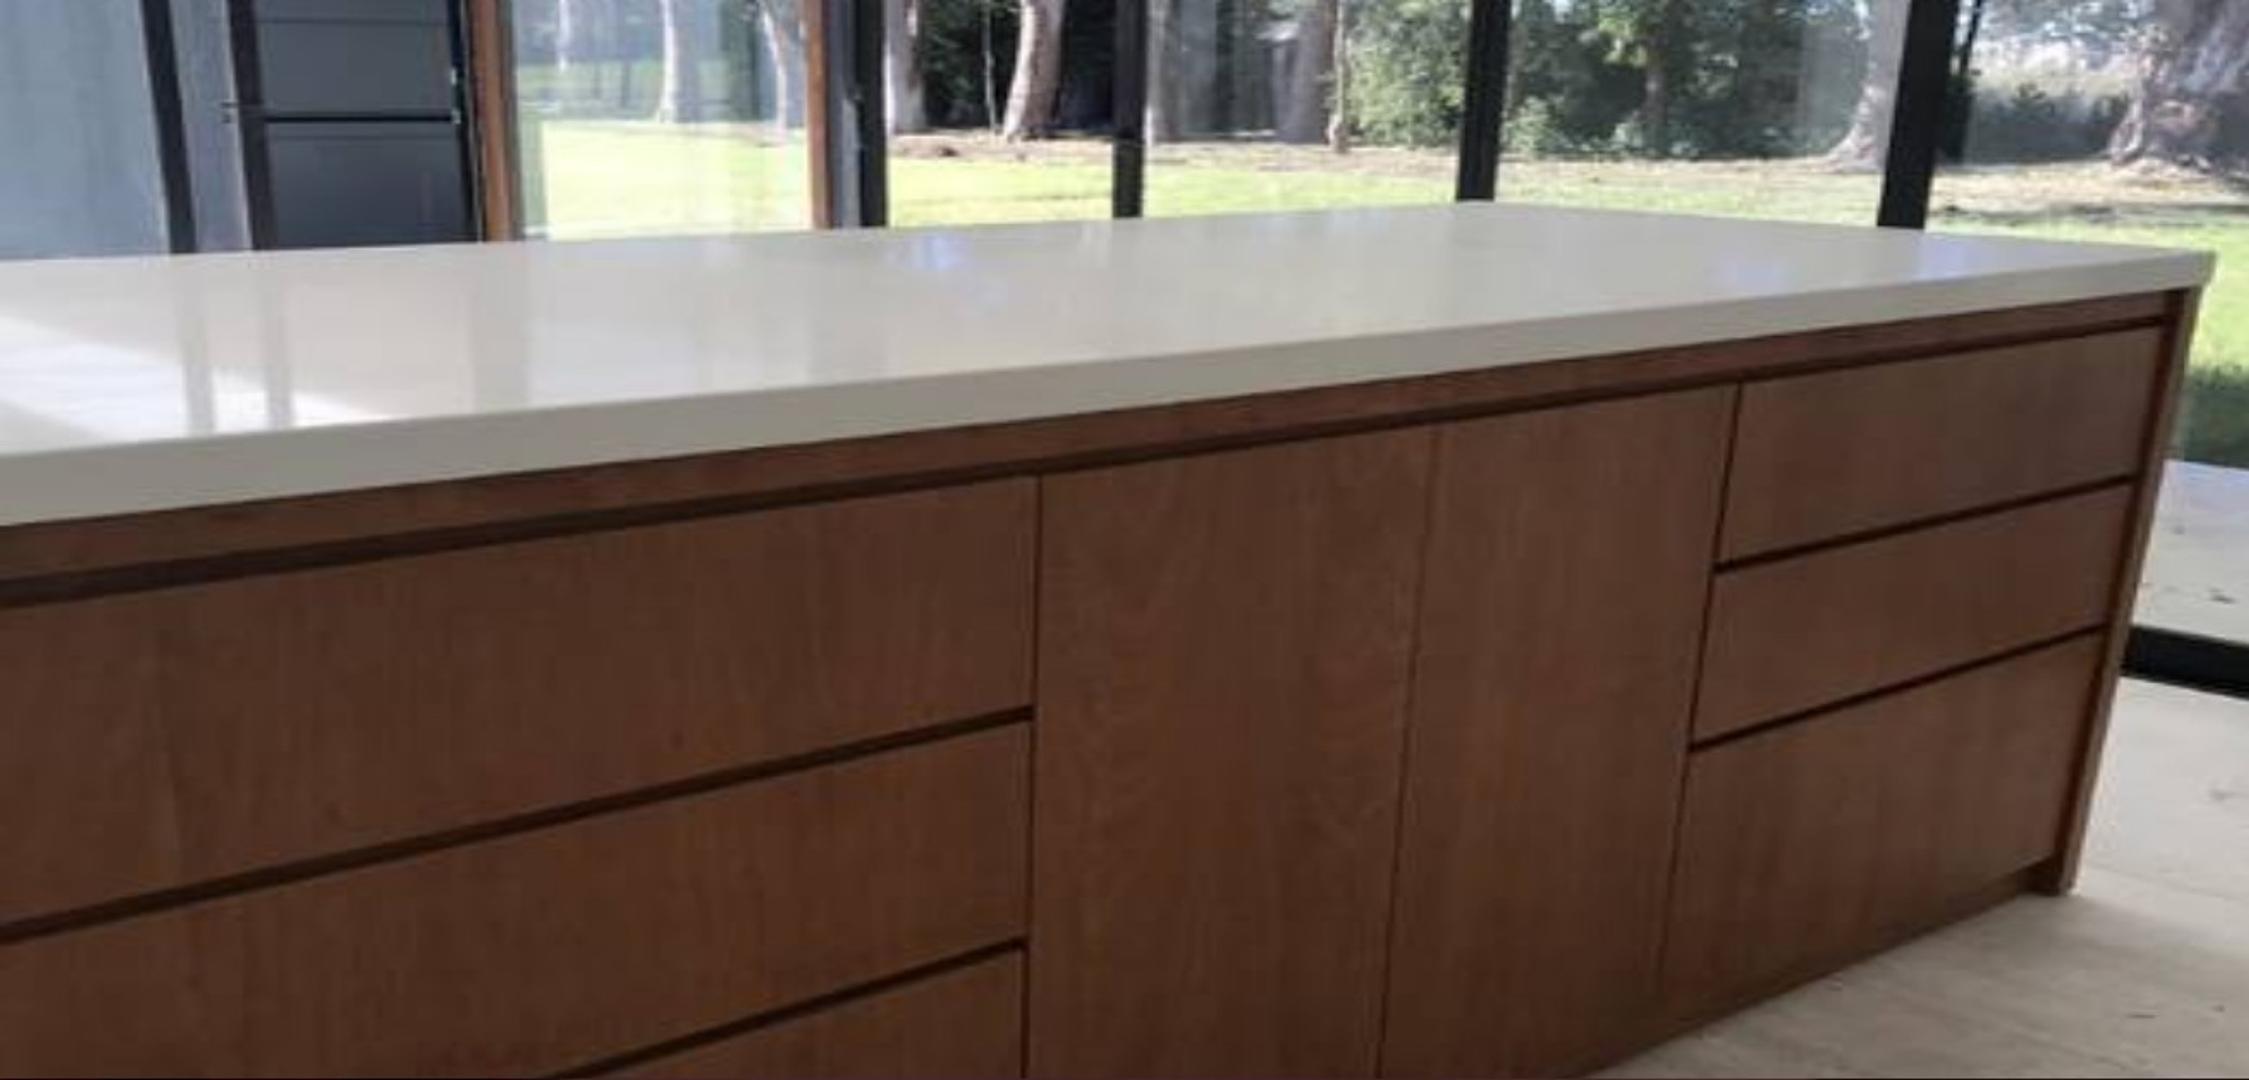 Casa - 220 m² | 3 dormitorios | A estrenar